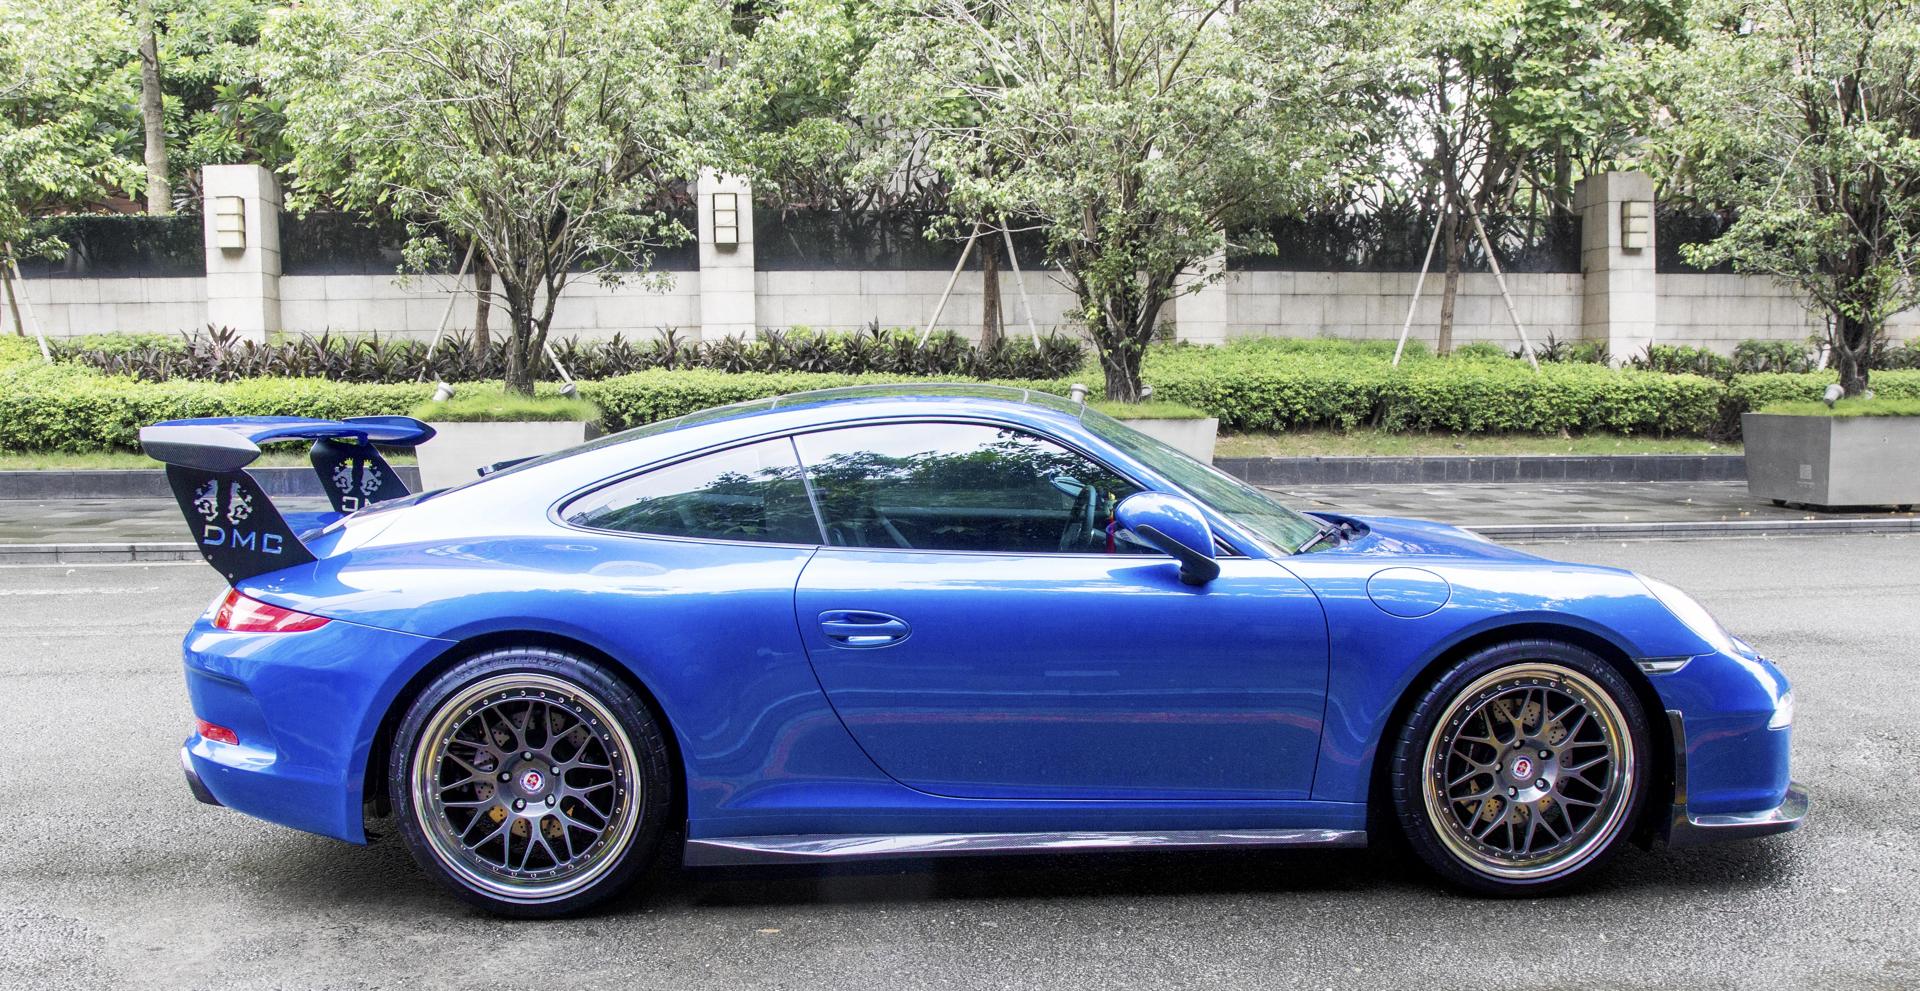 Wallpaper Porsche 911 Sports Car Coupe Convertible Porsche 911